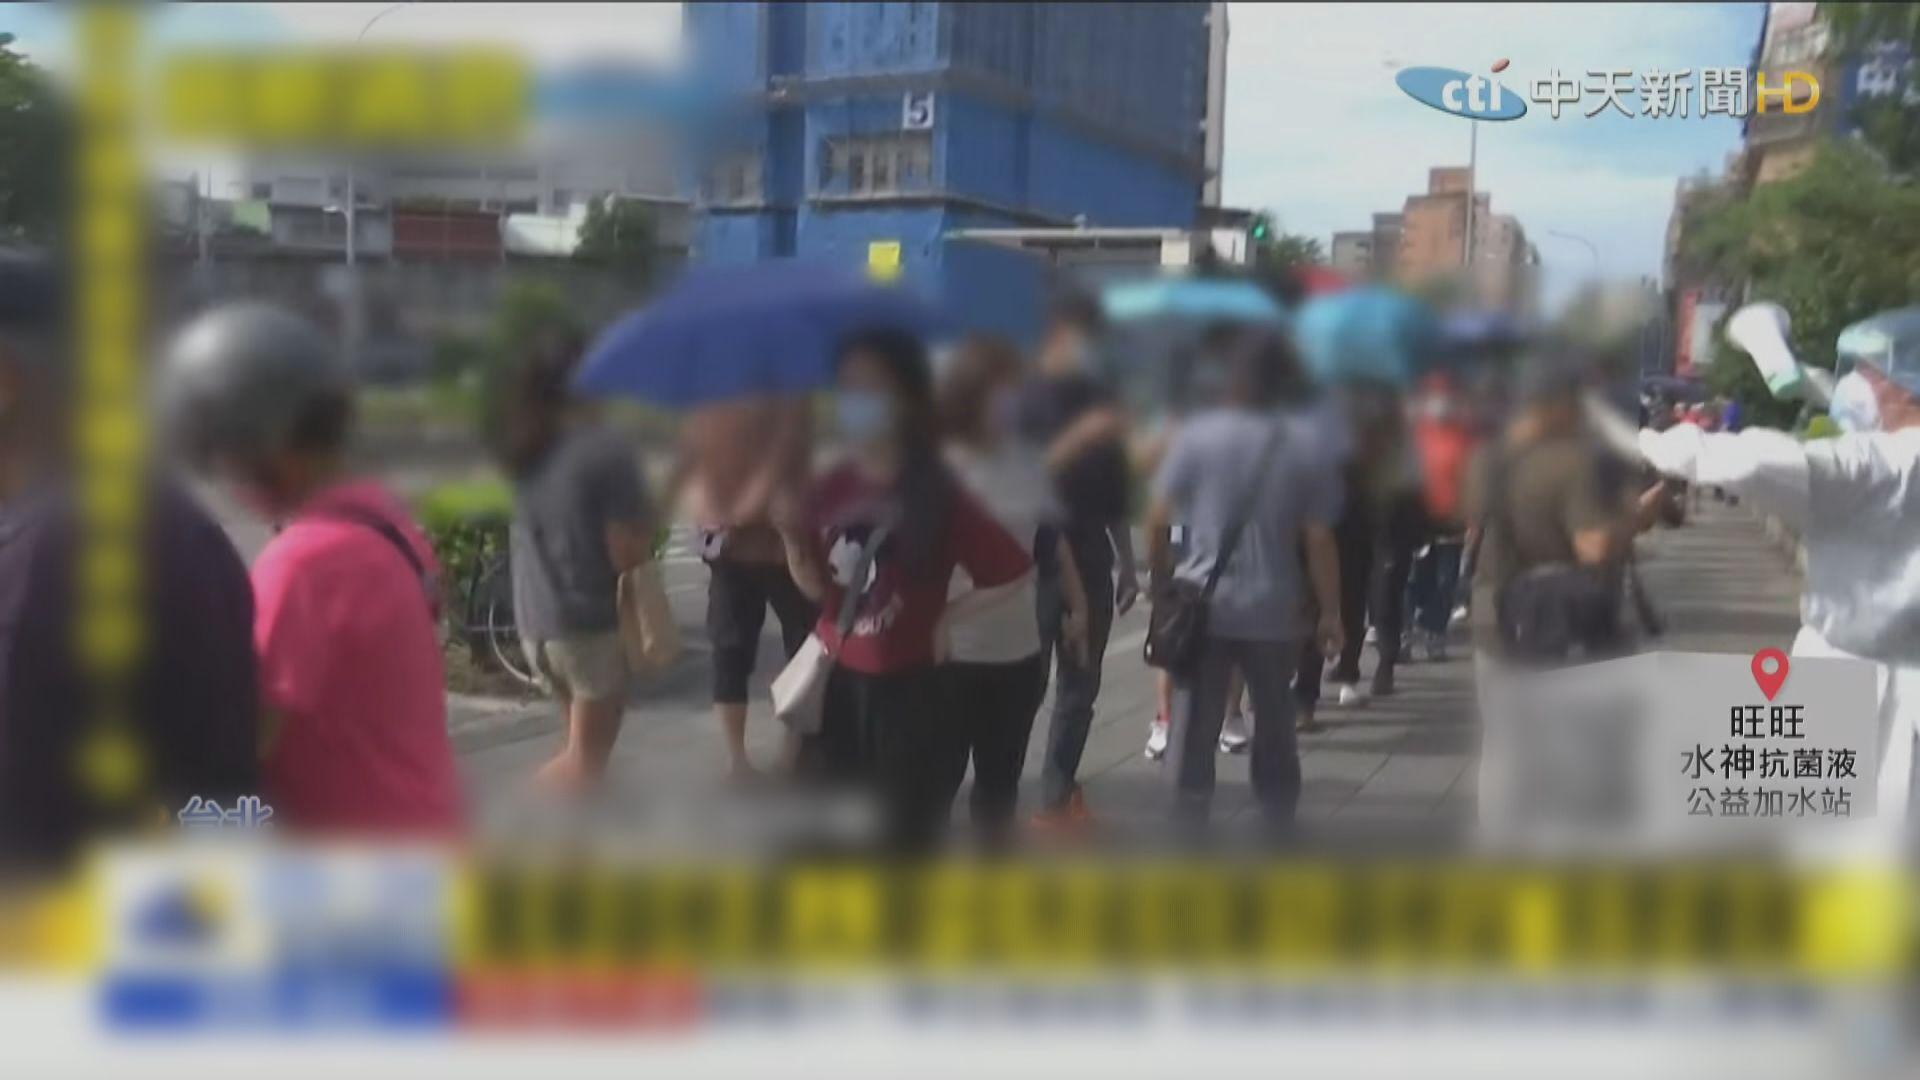 台灣疫情急劇惡化 雙北高中以下學校明起停課